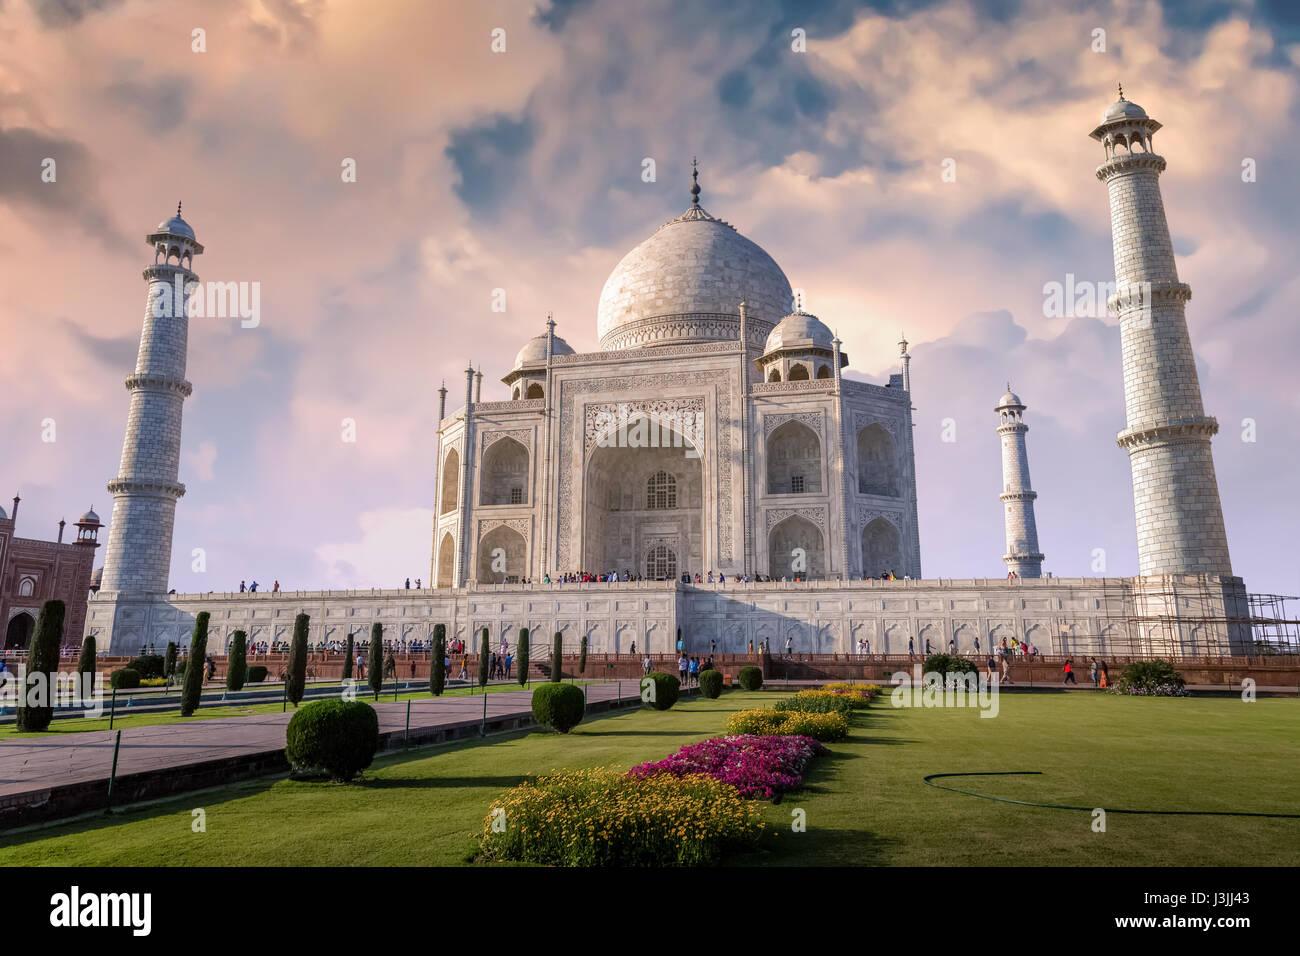 Taj Mahal ad Agra in India con un grazioso moody Cielo di tramonto. Un sito patrimonio mondiale dell'UNESCO Immagini Stock